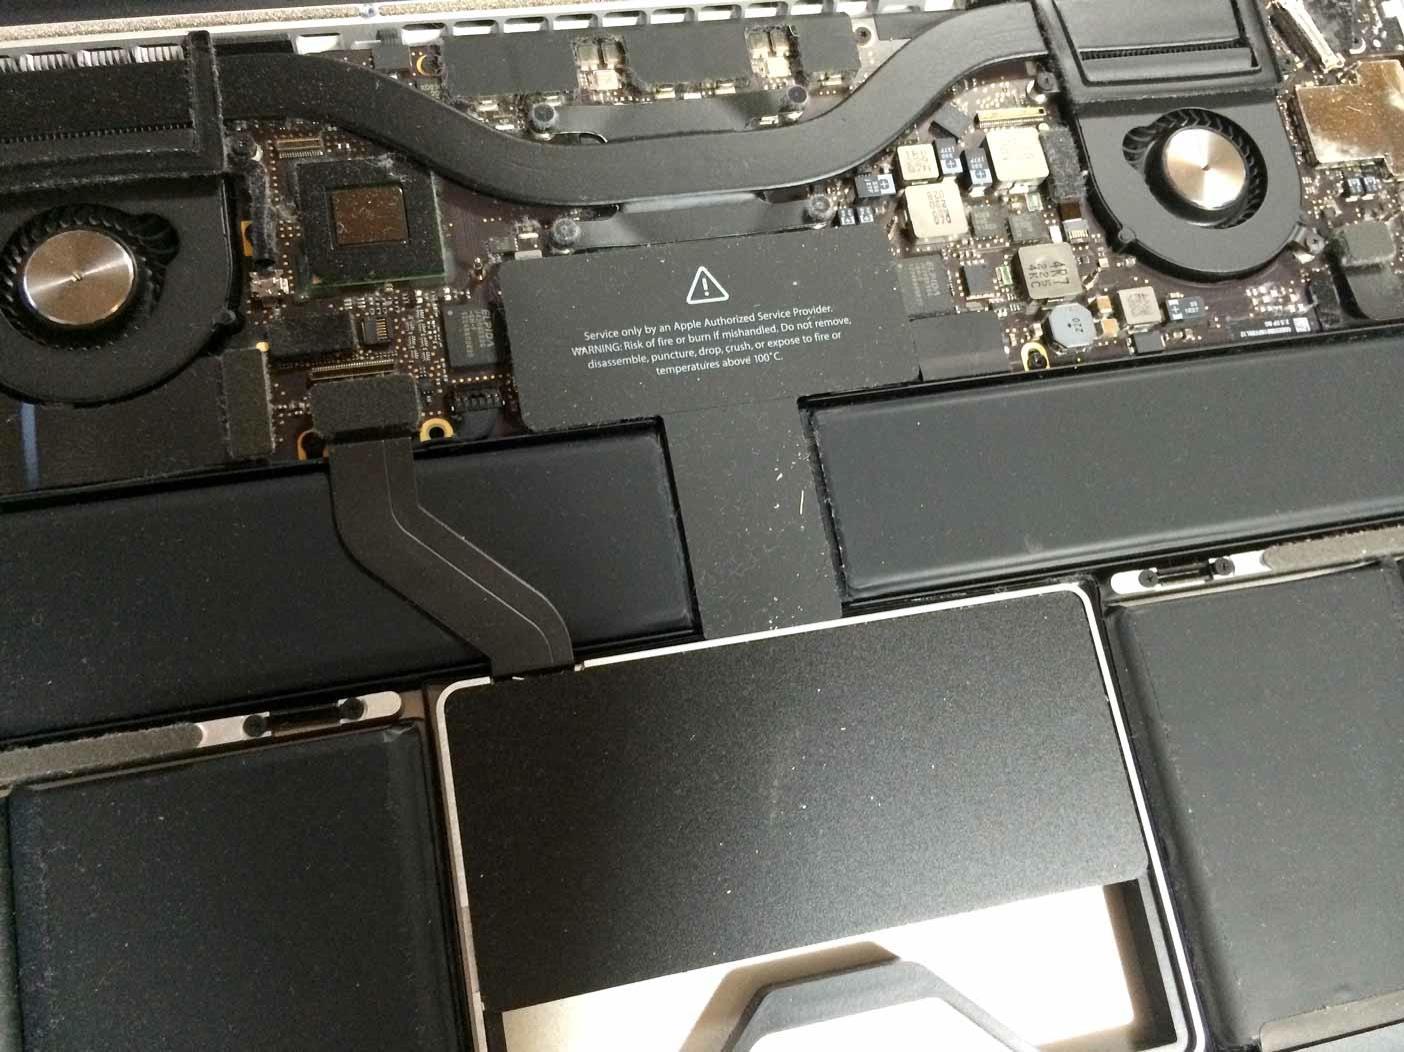 Macbook には埃がたまっている